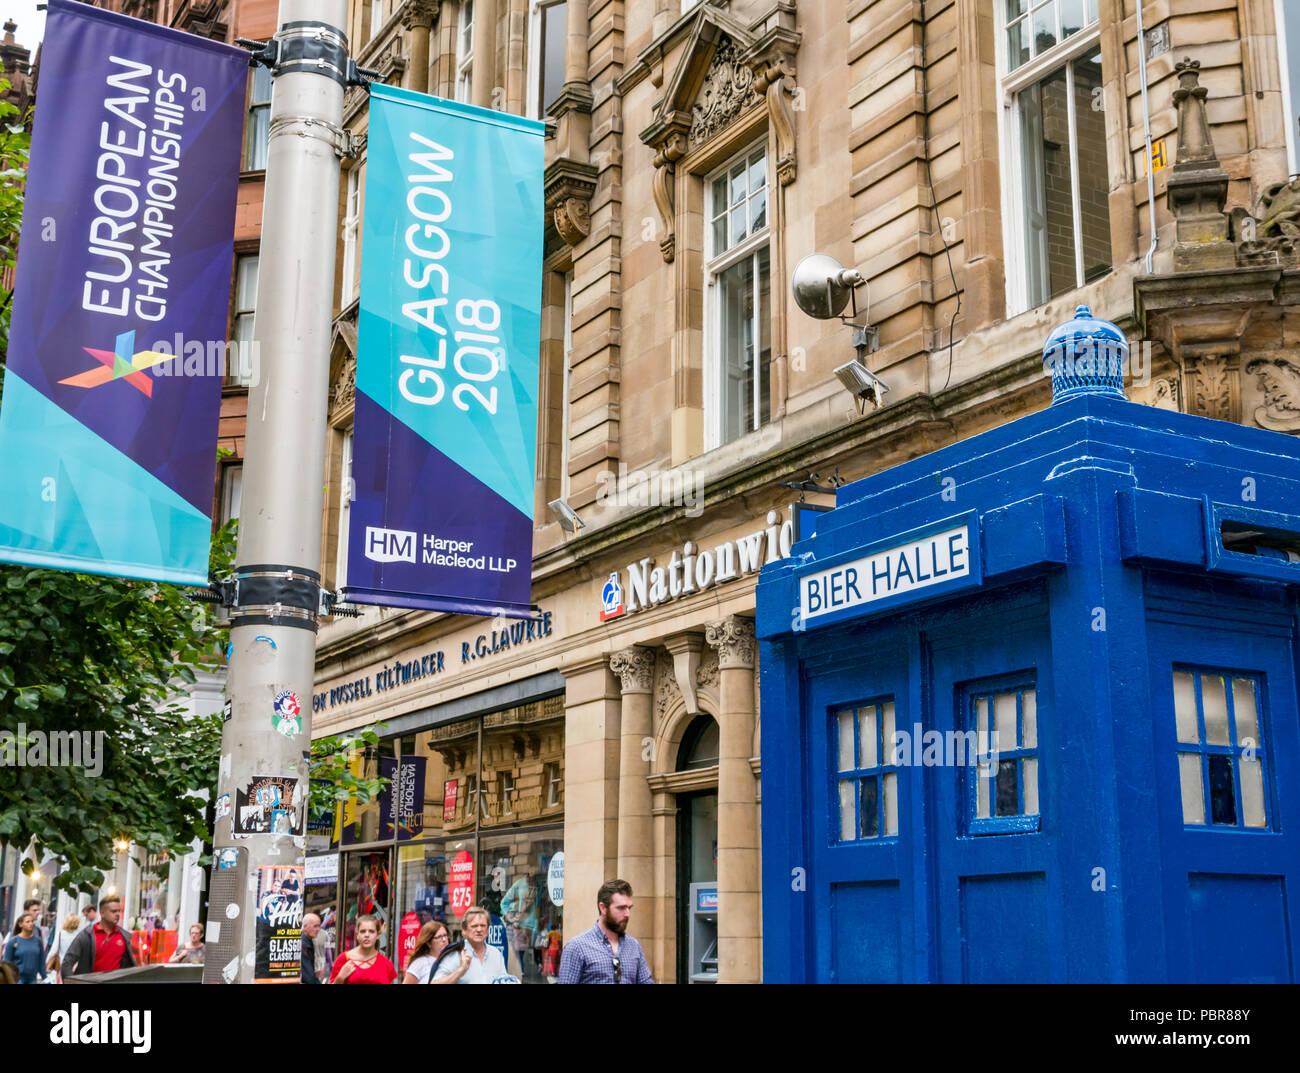 Dipinta di fresco Tardis polizia casella chiamata denominato Bier Halle e 2018 Campionati Europei banner, Buchanan Street, Glasgow, Scotland, Regno Unito Foto Stock